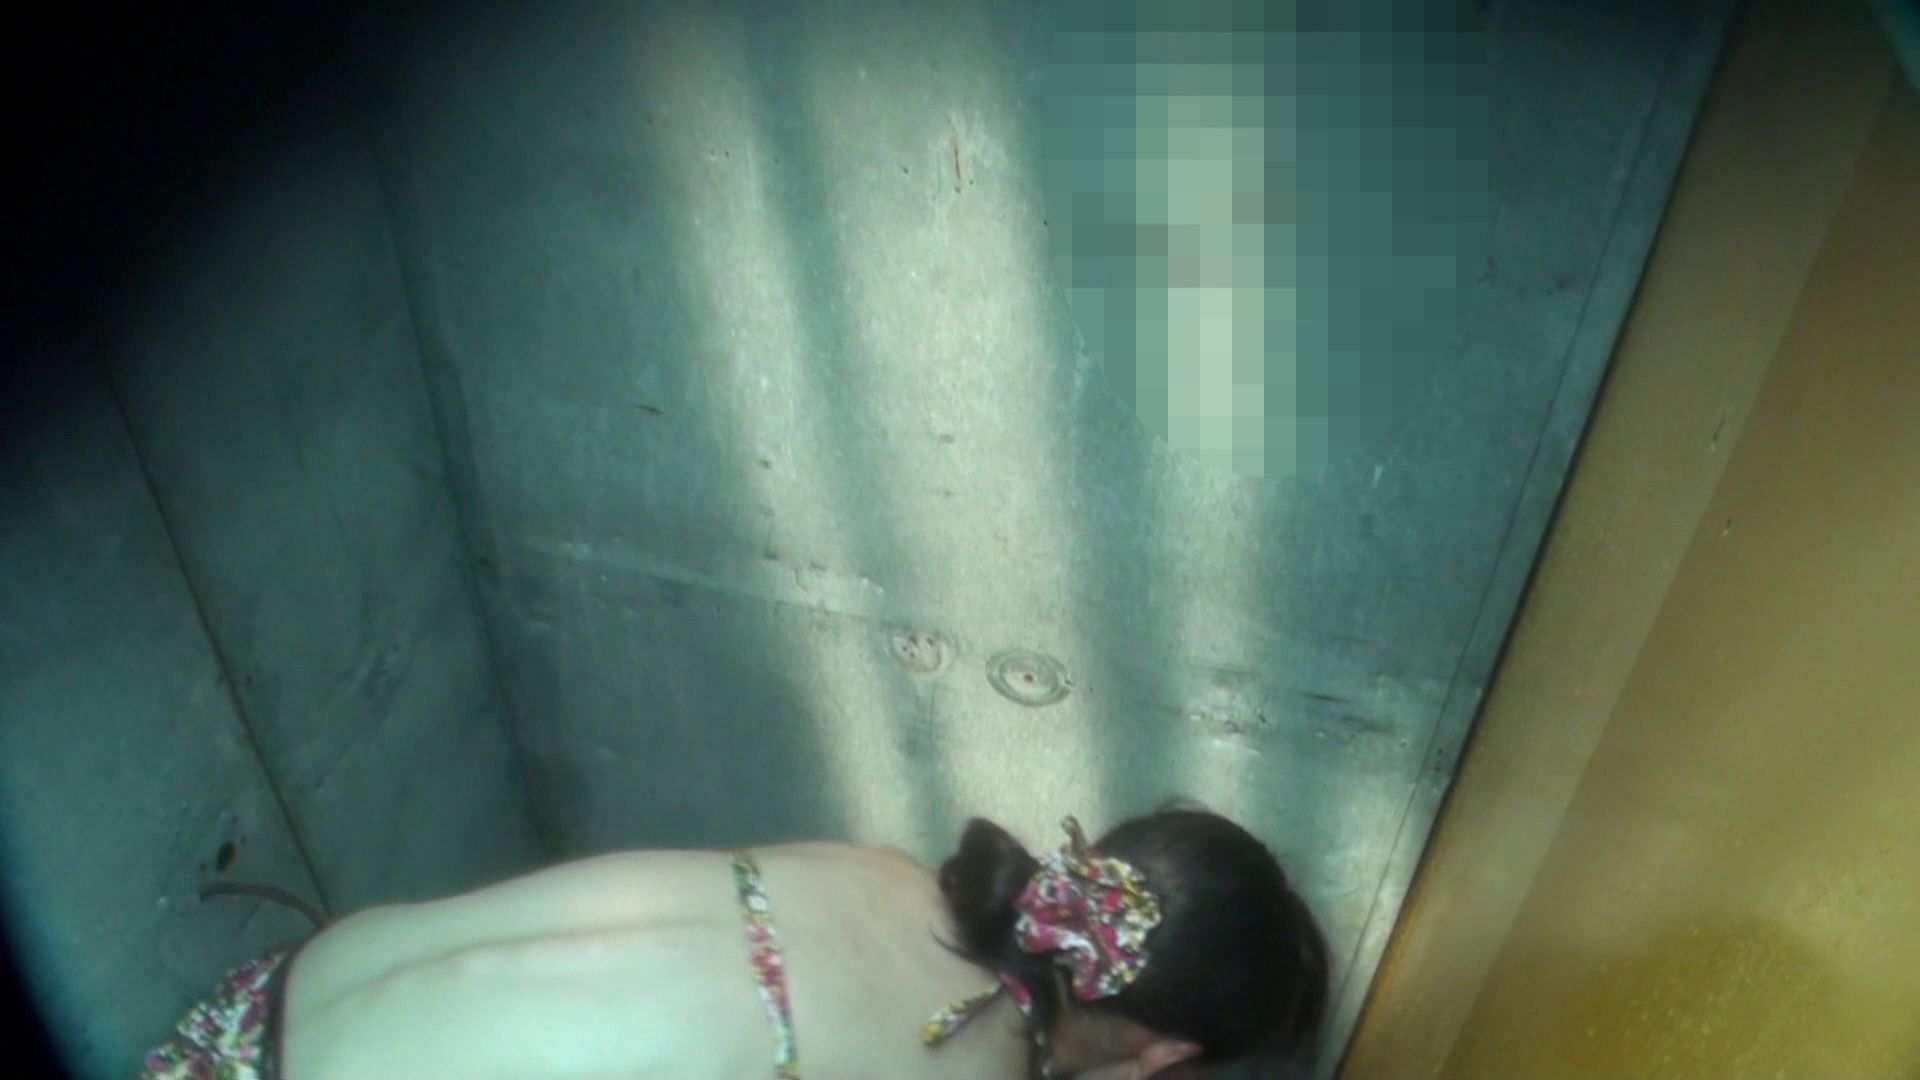 シャワールームは超!!危険な香りVol.16 意外に乳首は年増のそれ 乳首   OLの実態  61pic 9